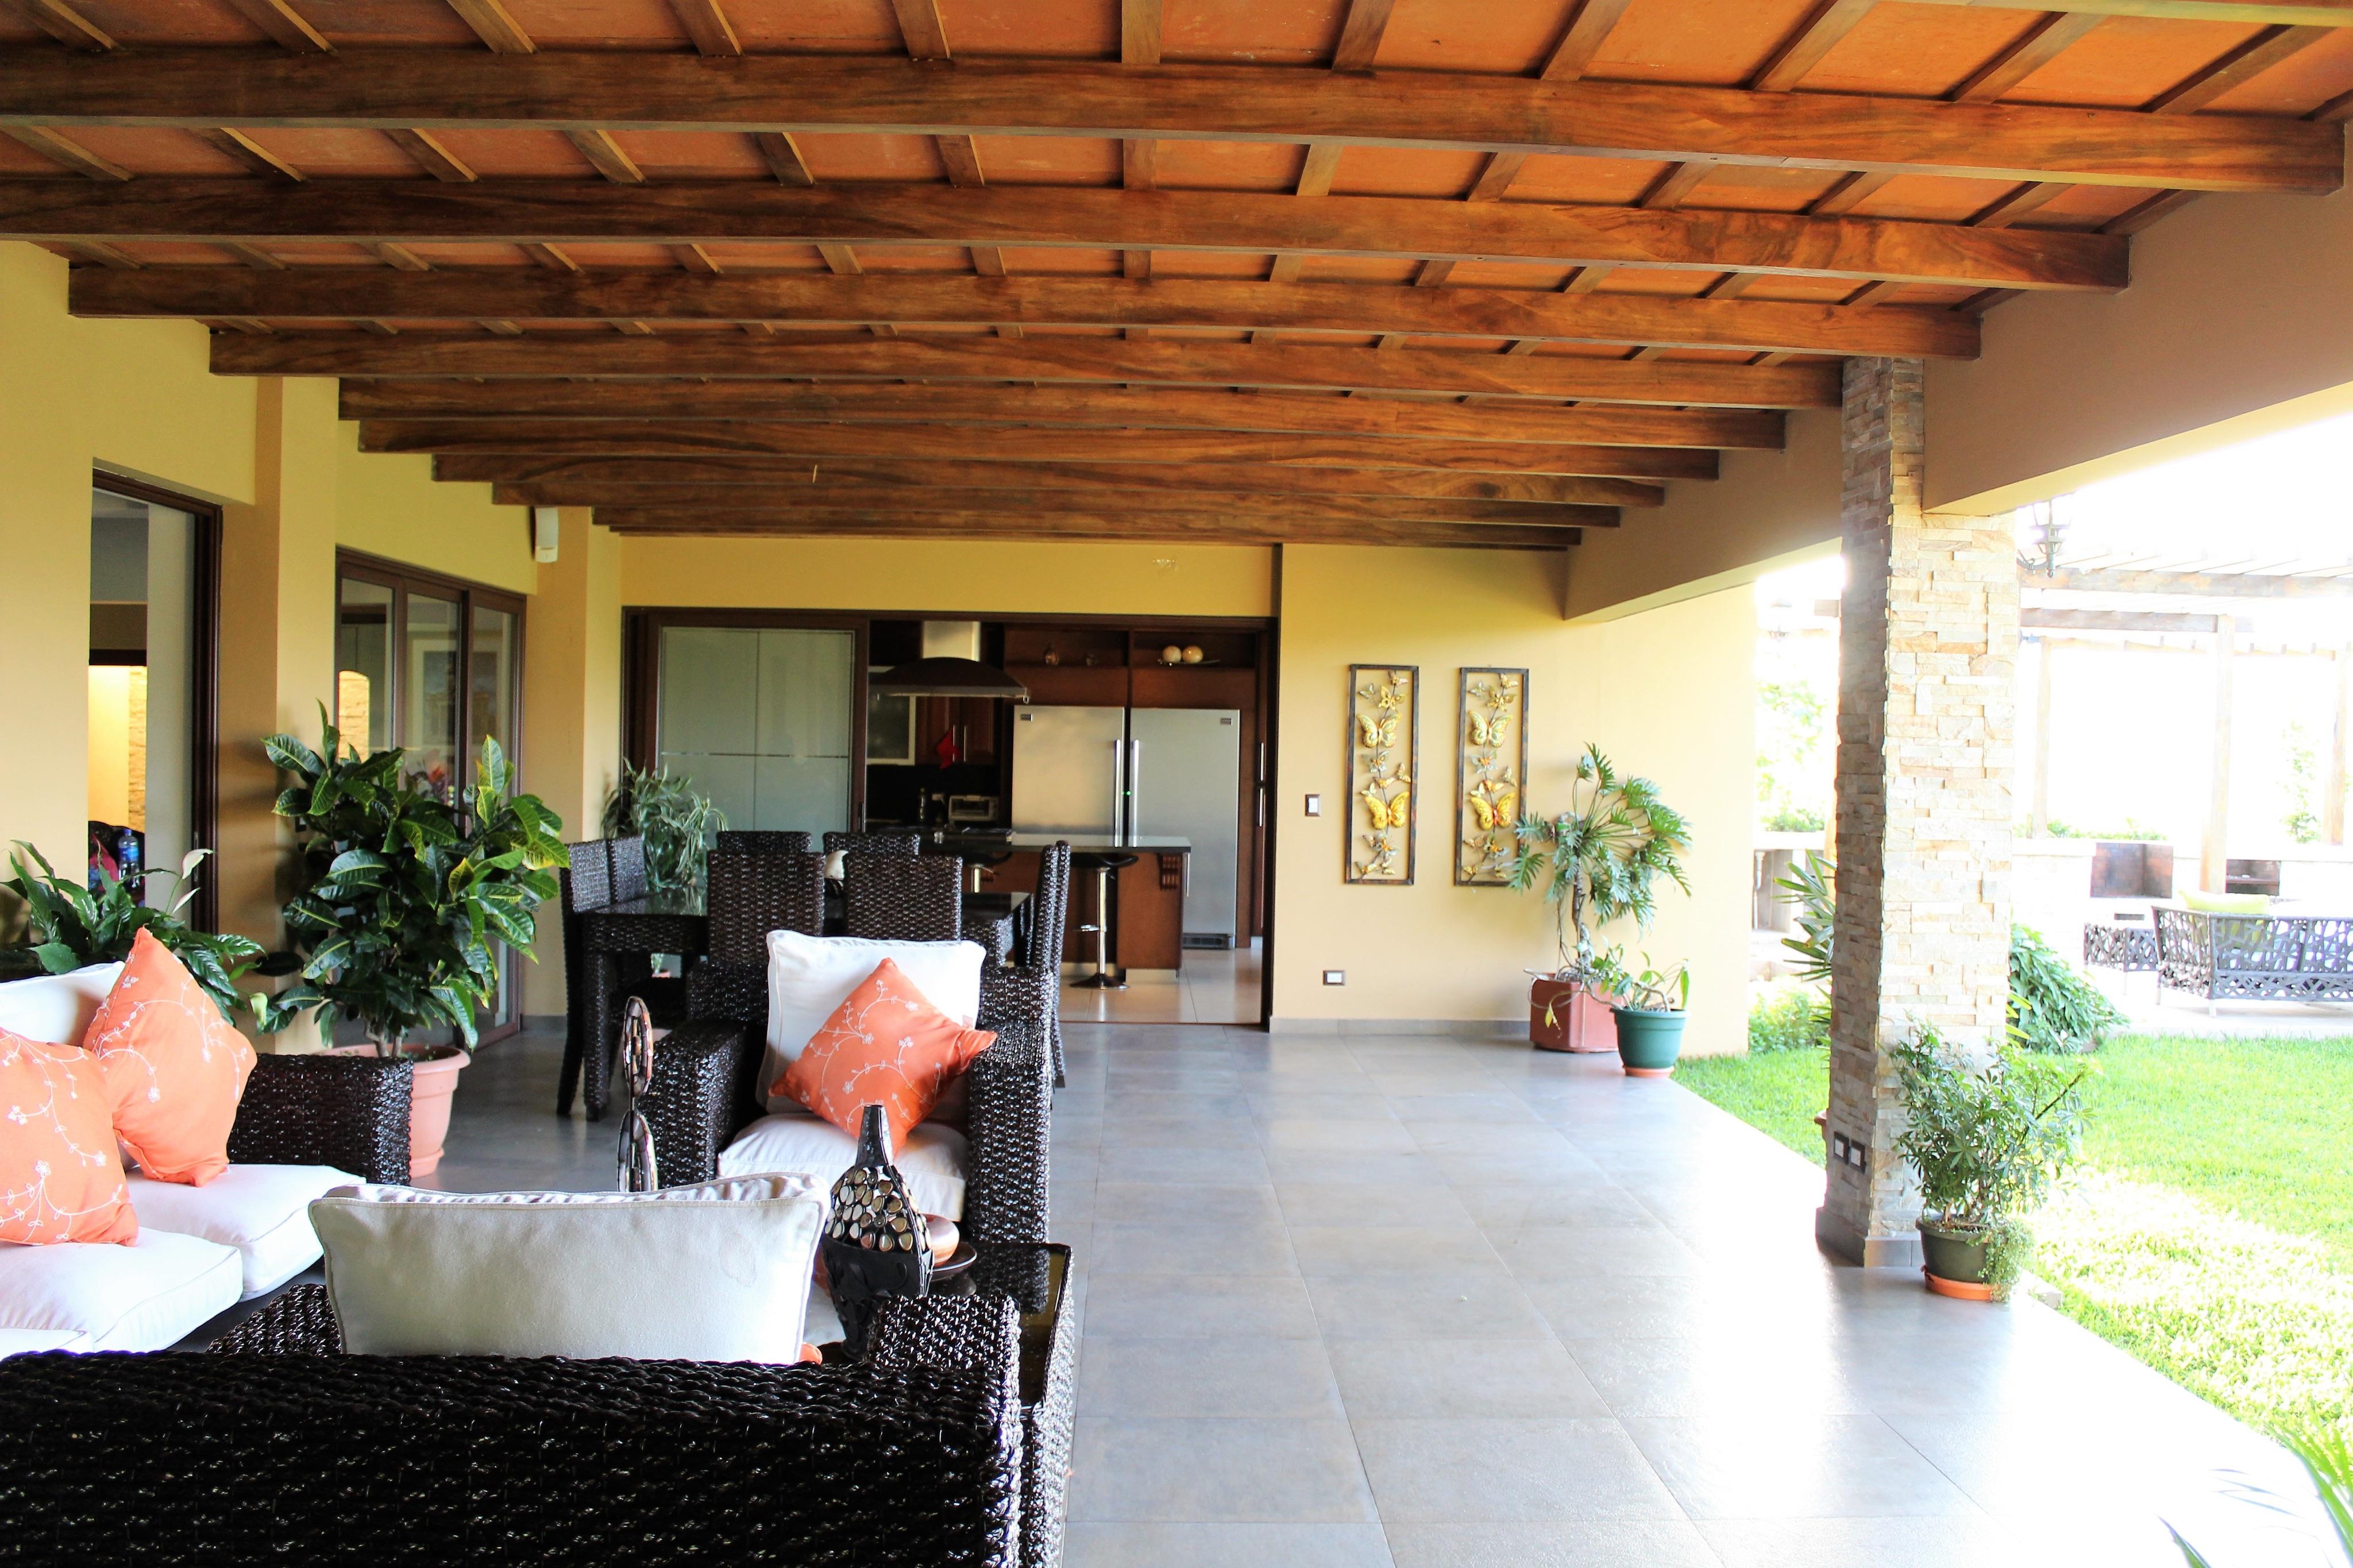 CPTCR0112 Casa en Venta Alturas de Tenerife  terraza 3